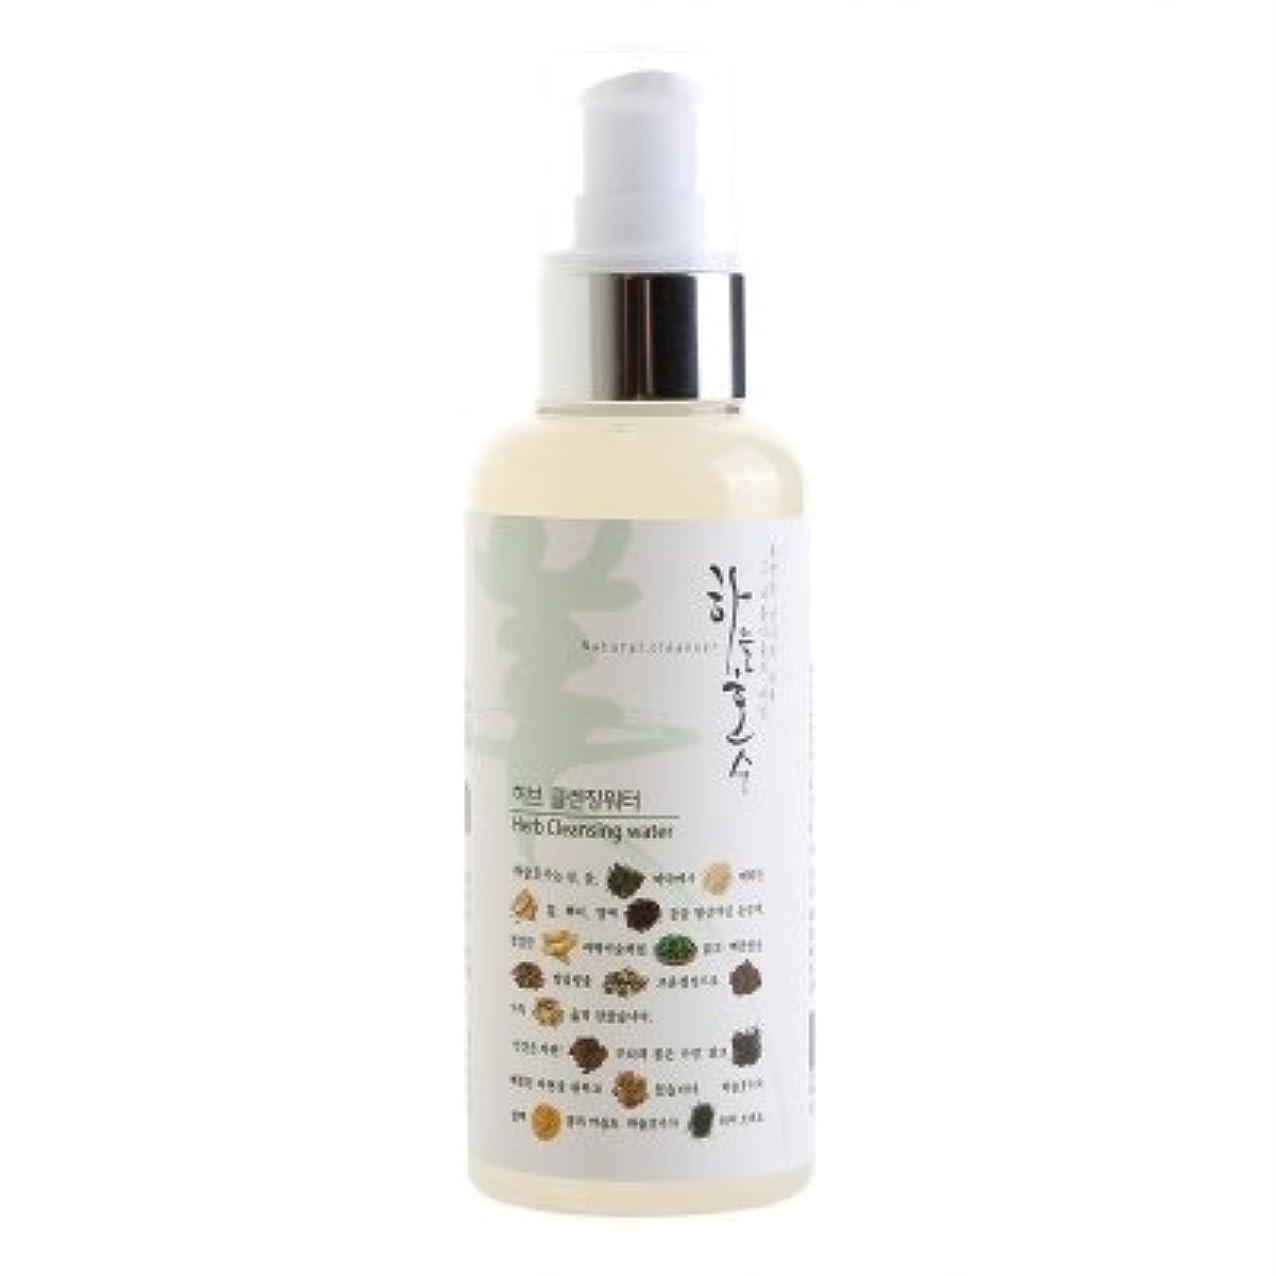 帽子ビン法廷[ハヌルホス] Skylake [ハーブクレンジングウォーター (150ml)] (Herb Cleansing Water (150ml)) [並行輸入品]